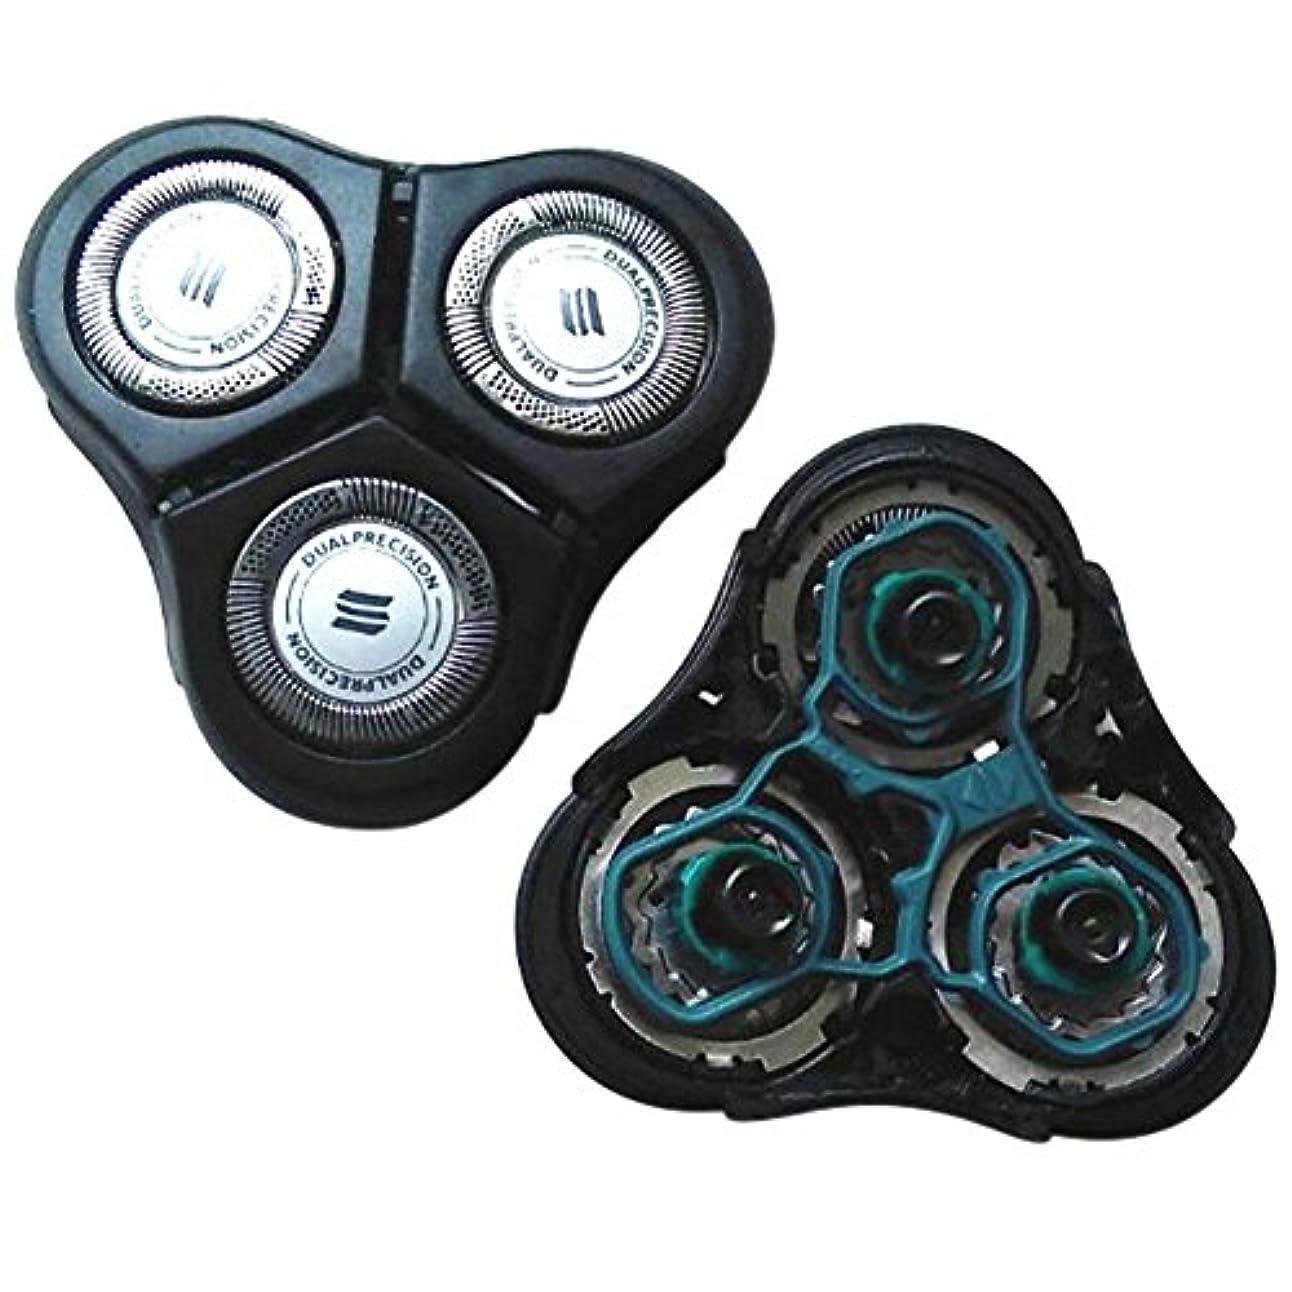 ダースつぶやき所属Xinvision 置換 シェーバー 頭/カッター/キャリーバッグ/保護キャップ for Philips RQ1151 1195